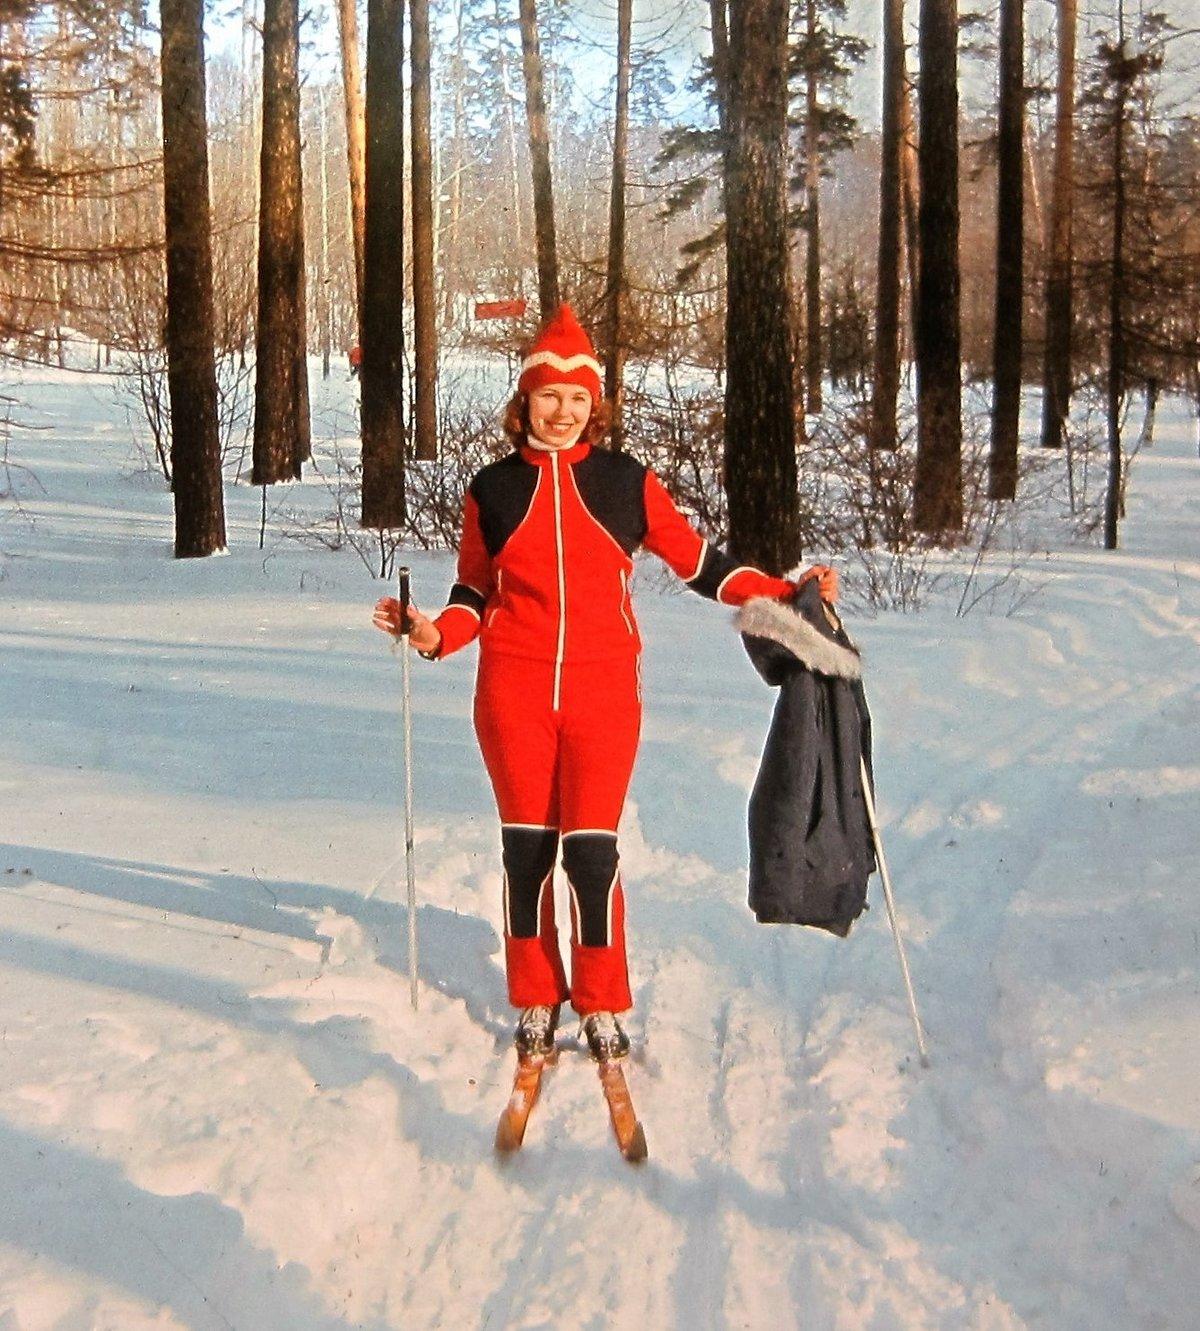 варнава многих фотосессия в лесу зимой с лыжами какой-нибудь человек, став